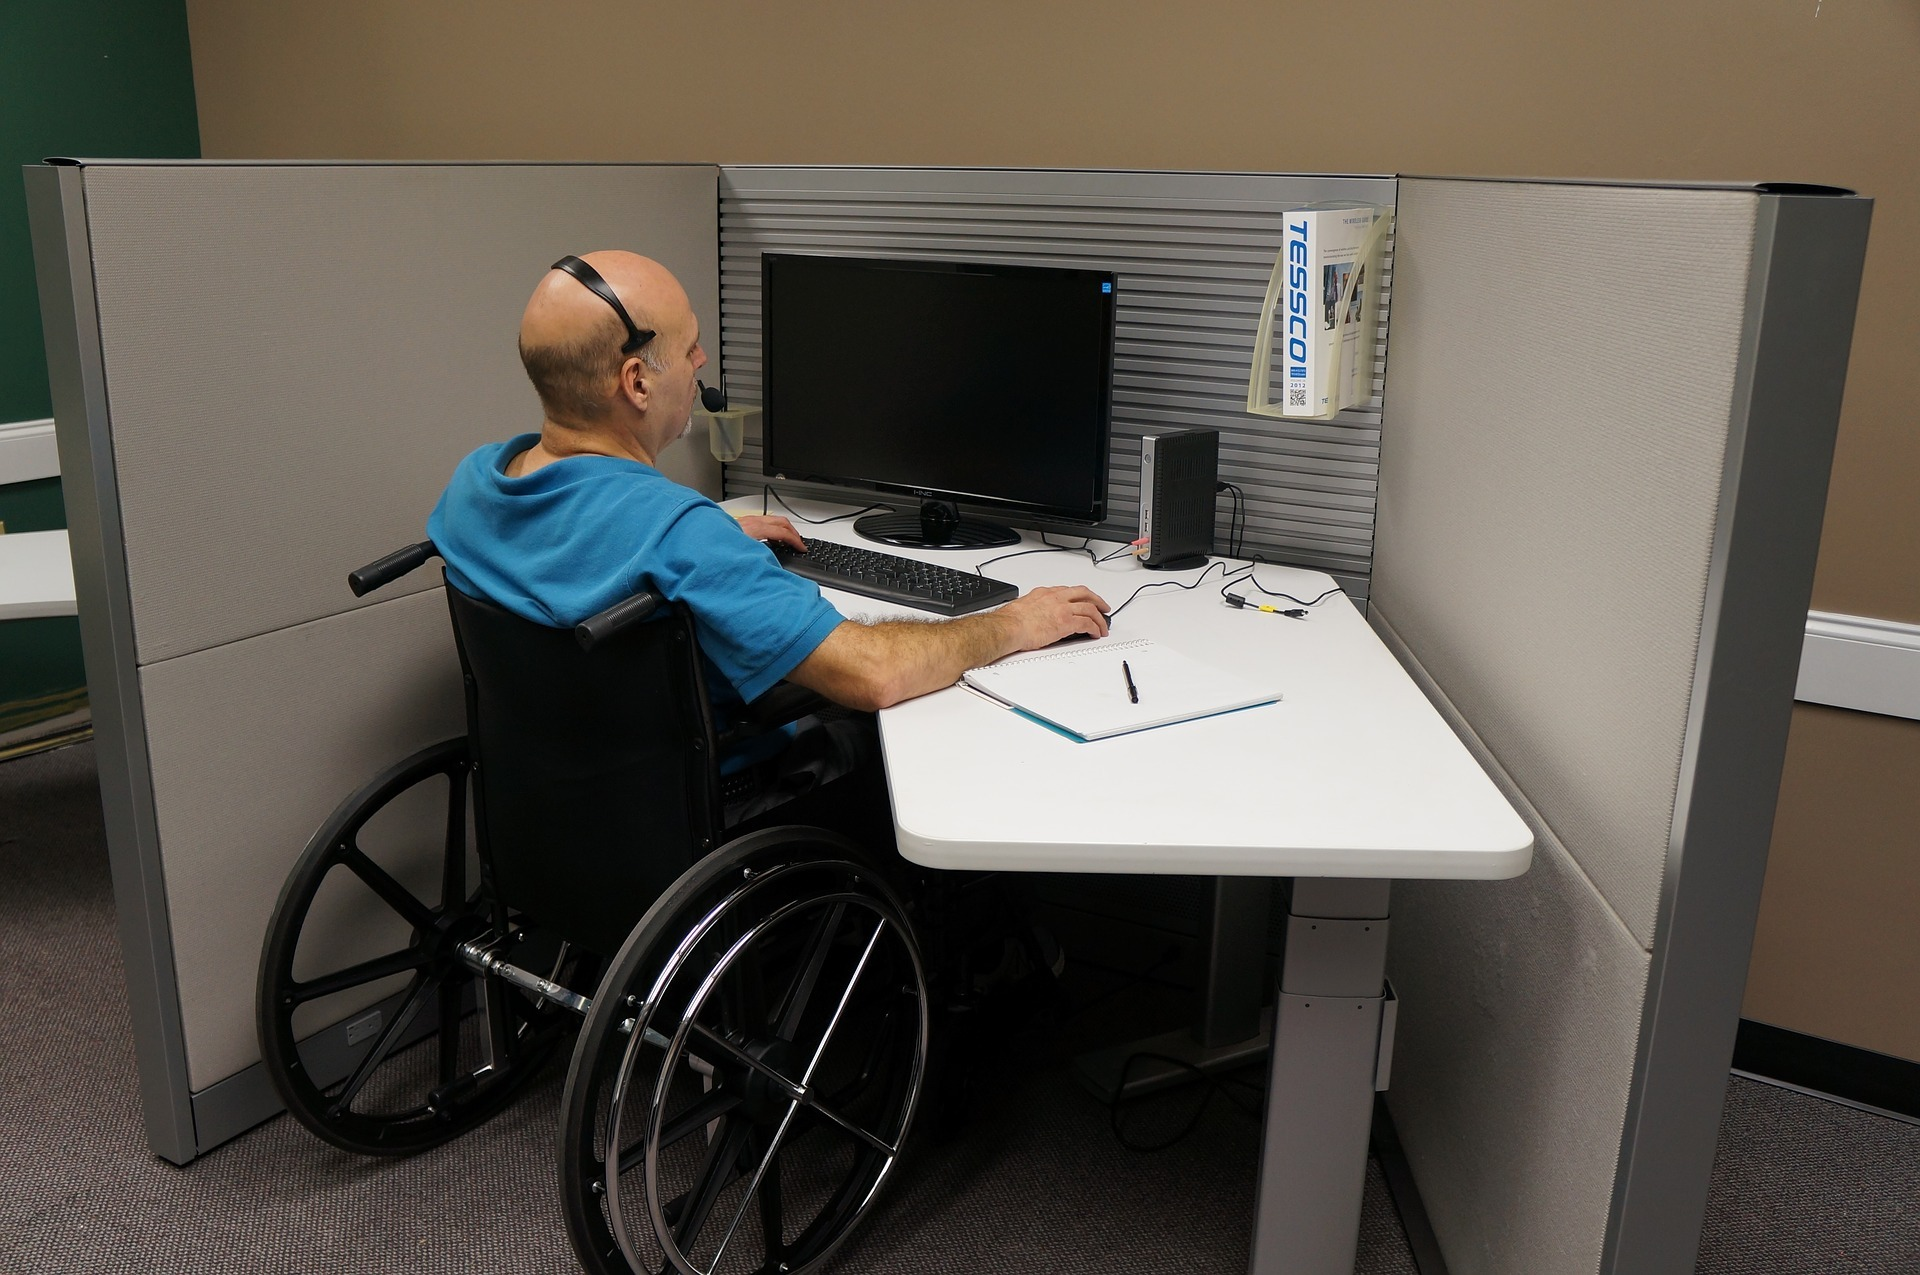 Czy kandydat na pracownika musi poinformować potencjalnego pracodawcę o orzeczeniu o niepełnosprawności?